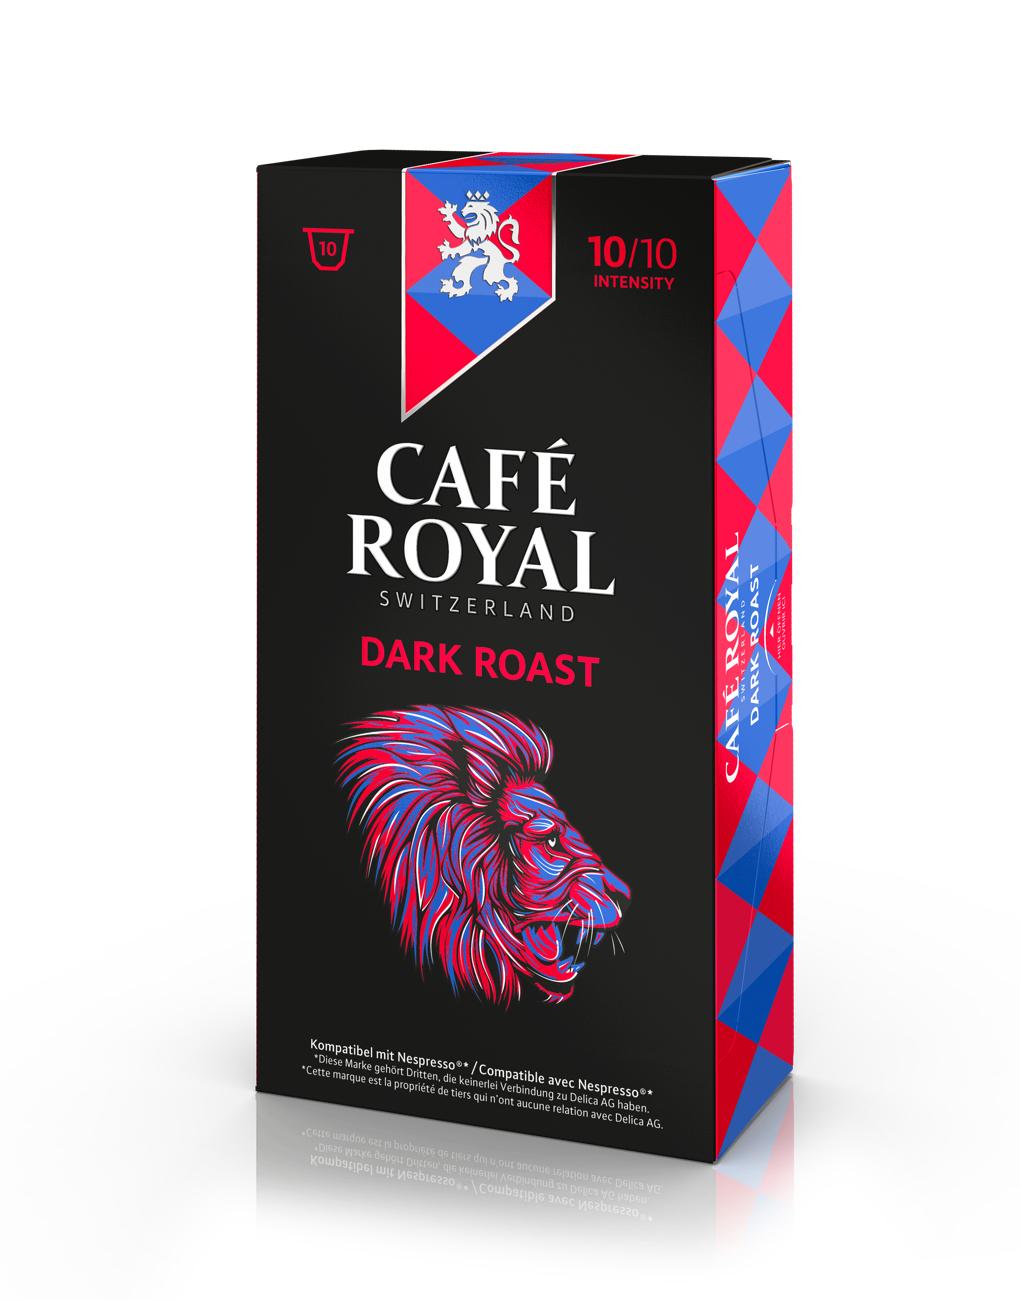 Sélection de Capsules café royal Nespresso en promotion - Ex: Dark Roast - H Market Aulnay-sous-Bois (94)